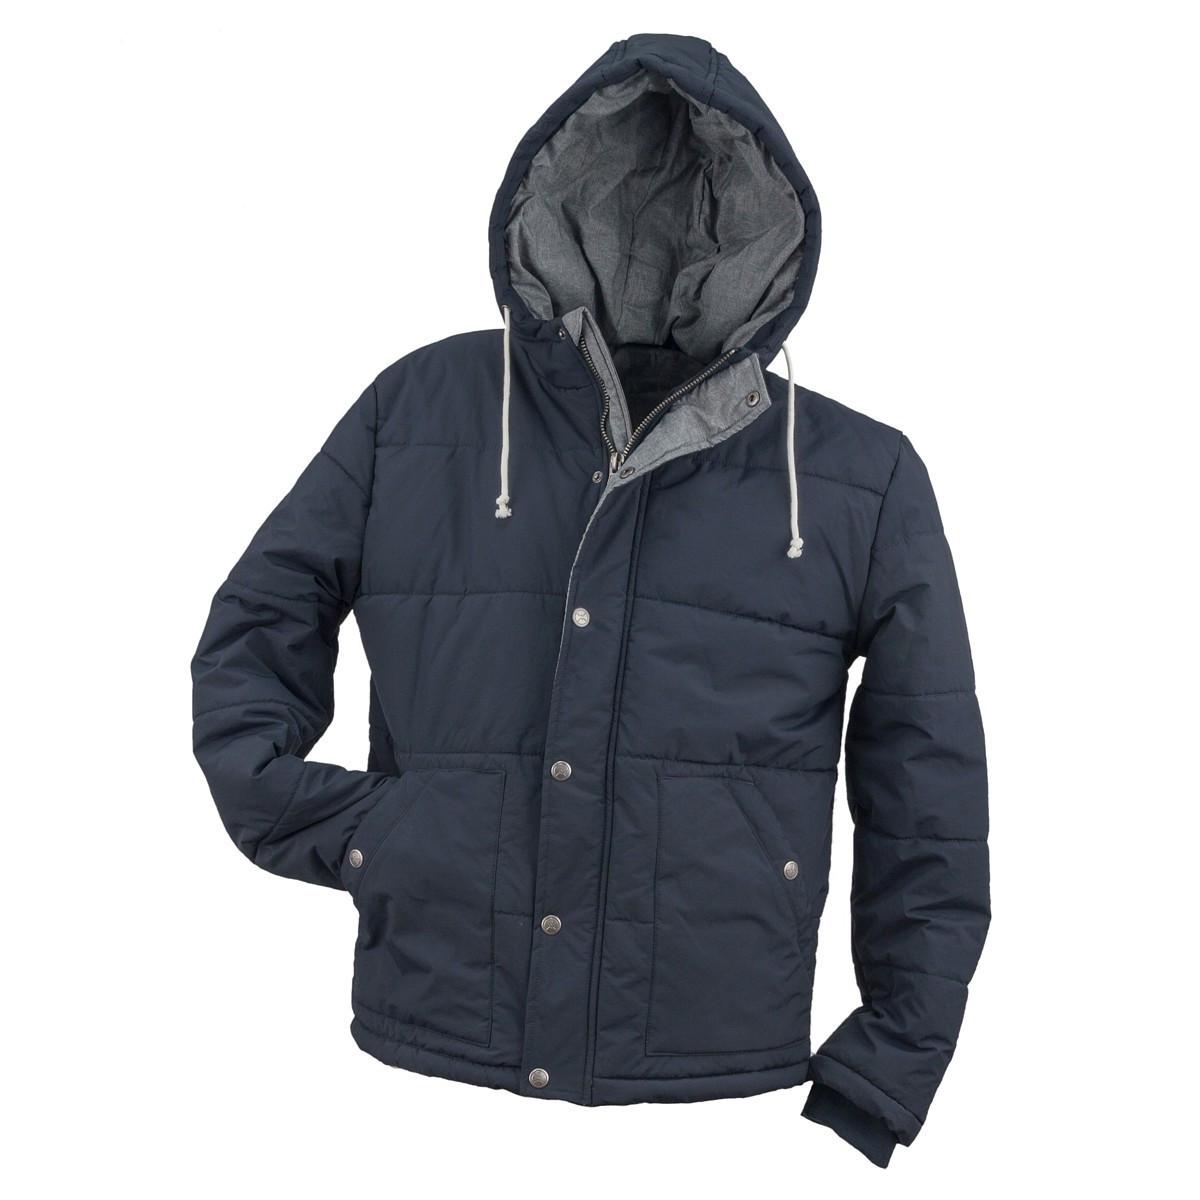 Куртка рабочая KURTKA OCIEPLANA URG-0142_NAVY верх и подкладка из 100% полиэстера.  Urgent (POLAND)